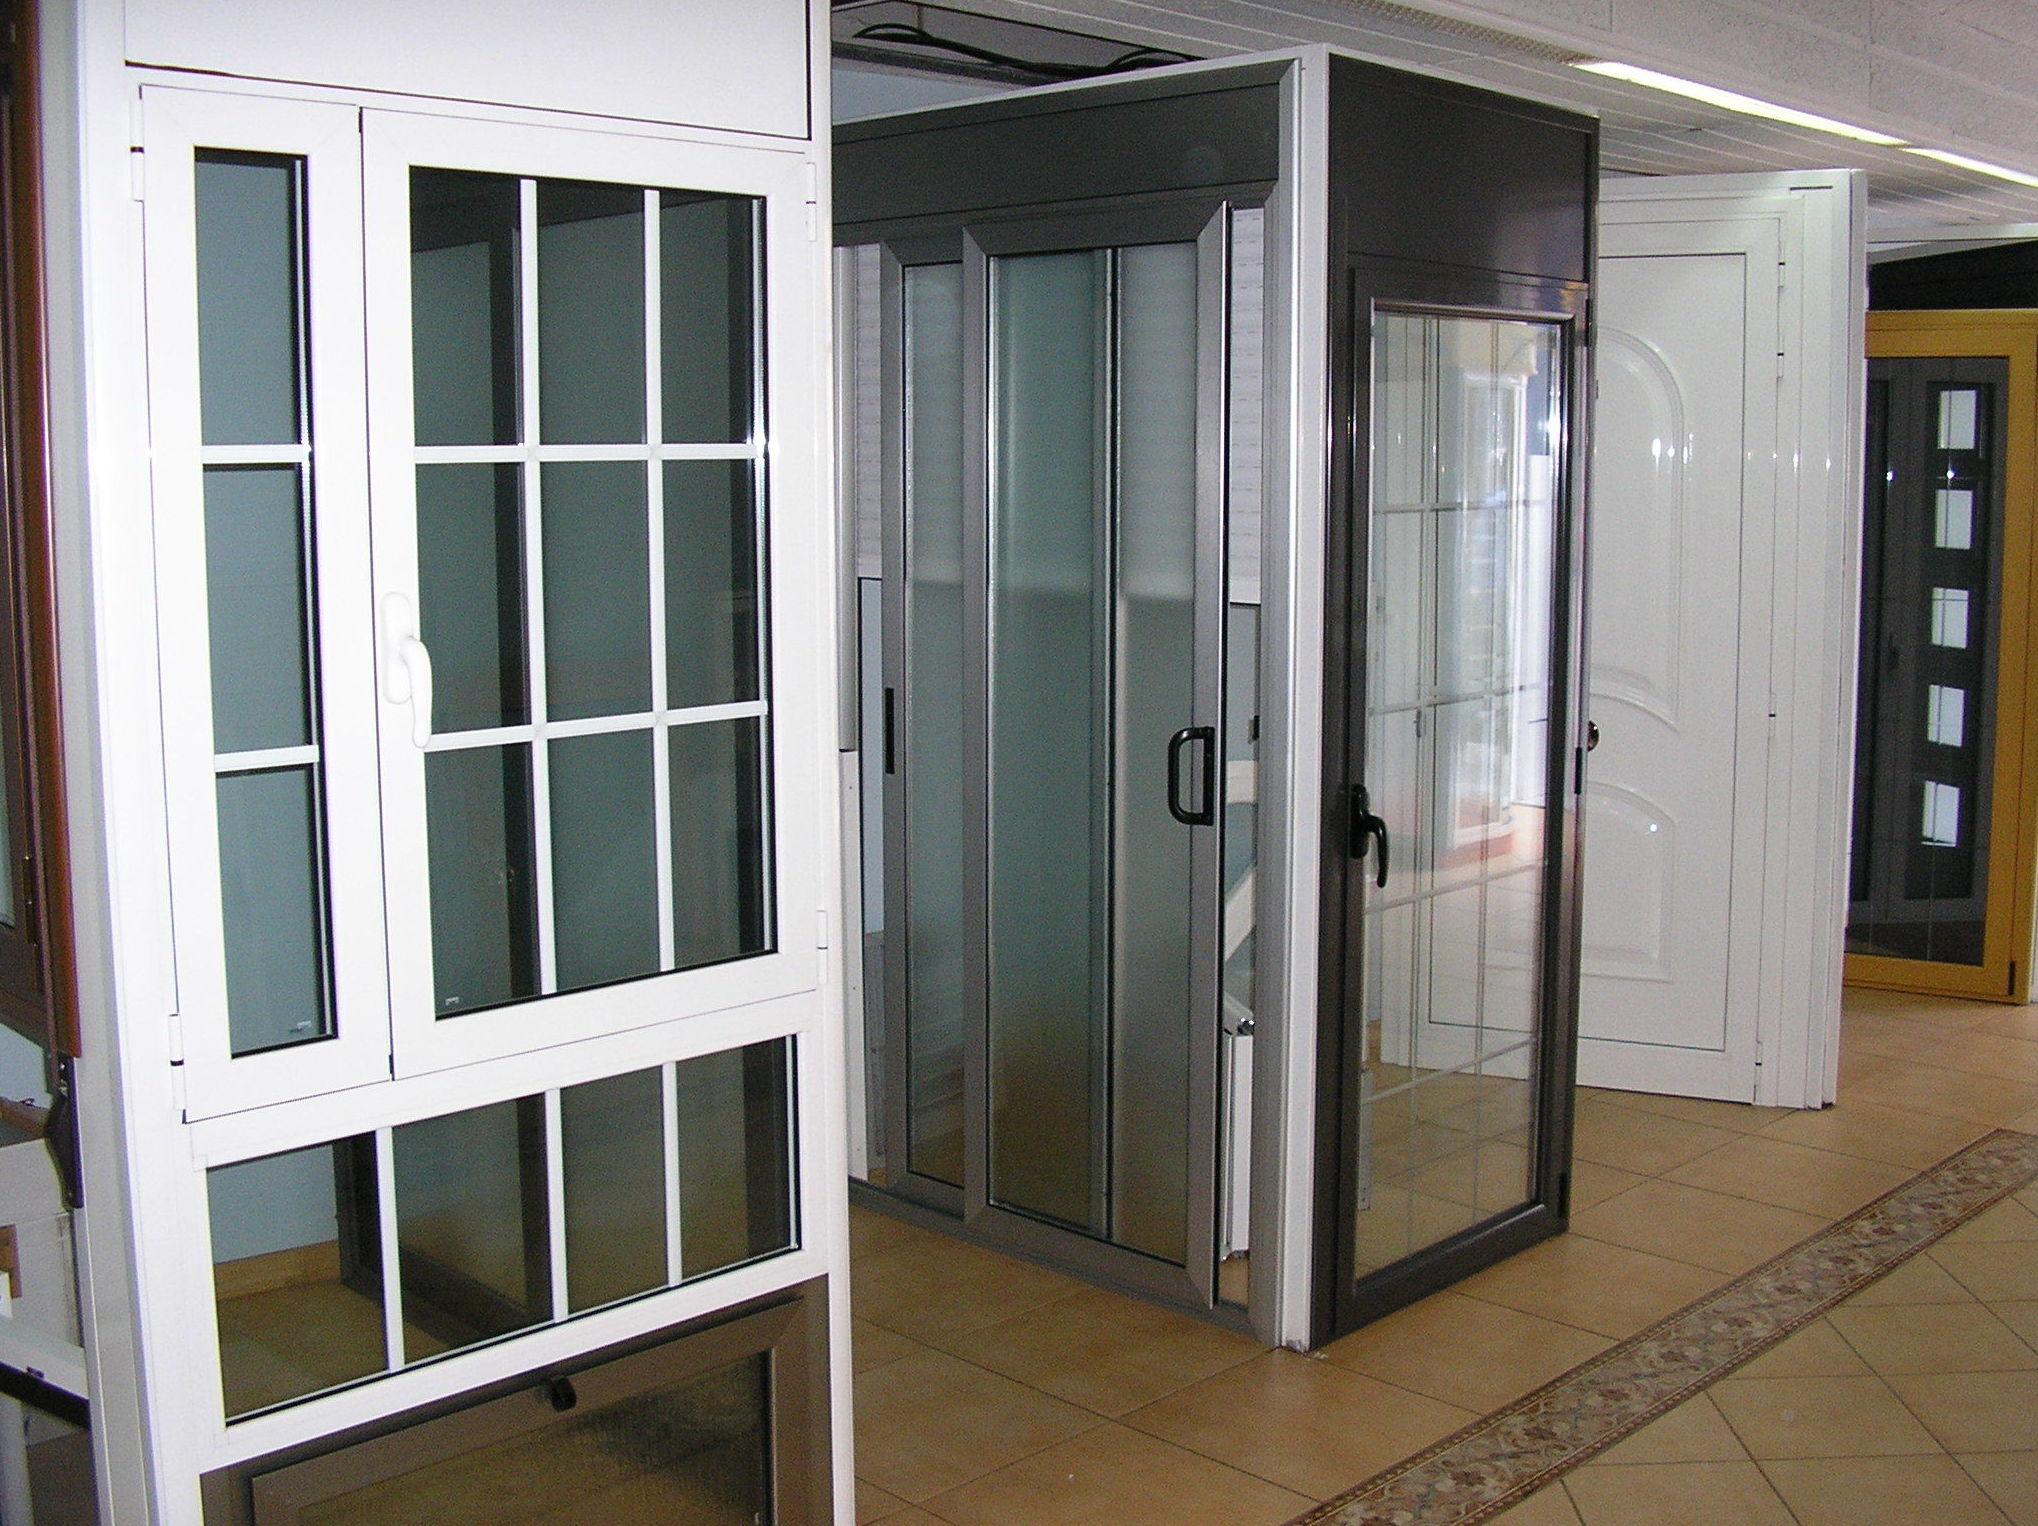 Expositor de puertas y ventanas de aluminio